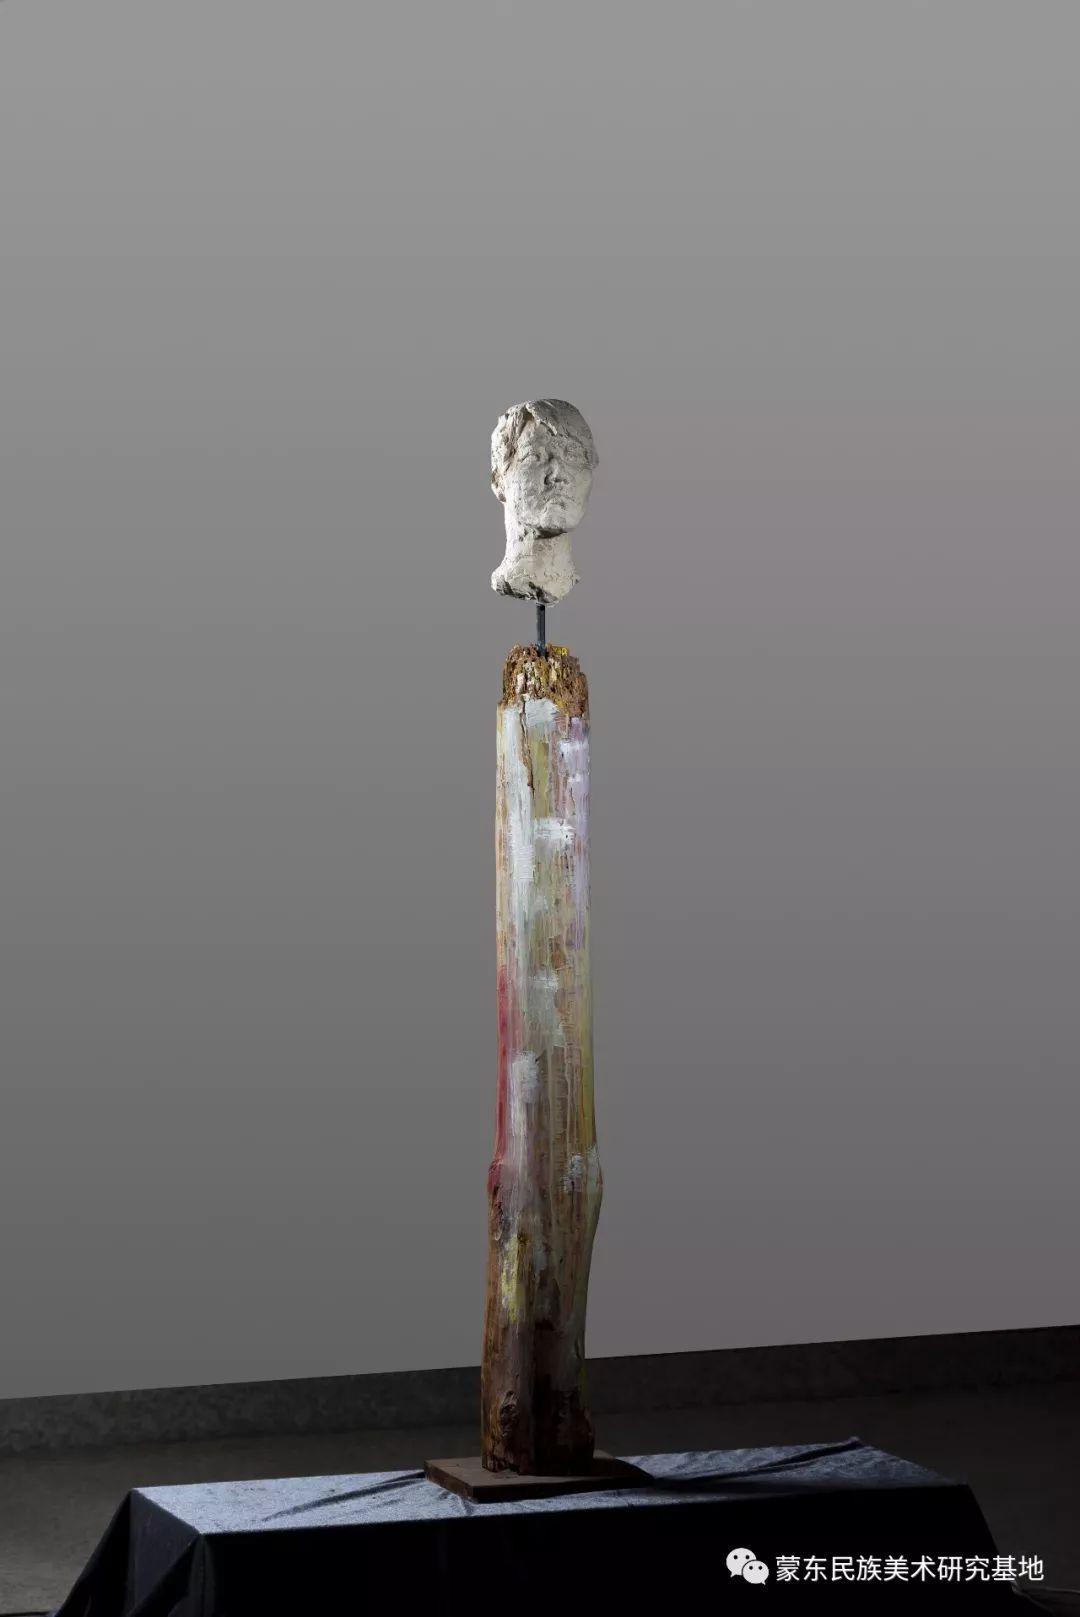 包格日乐吐作品——头像雕塑系列(二) 第8张 包格日乐吐作品——头像雕塑系列(二) 蒙古画廊